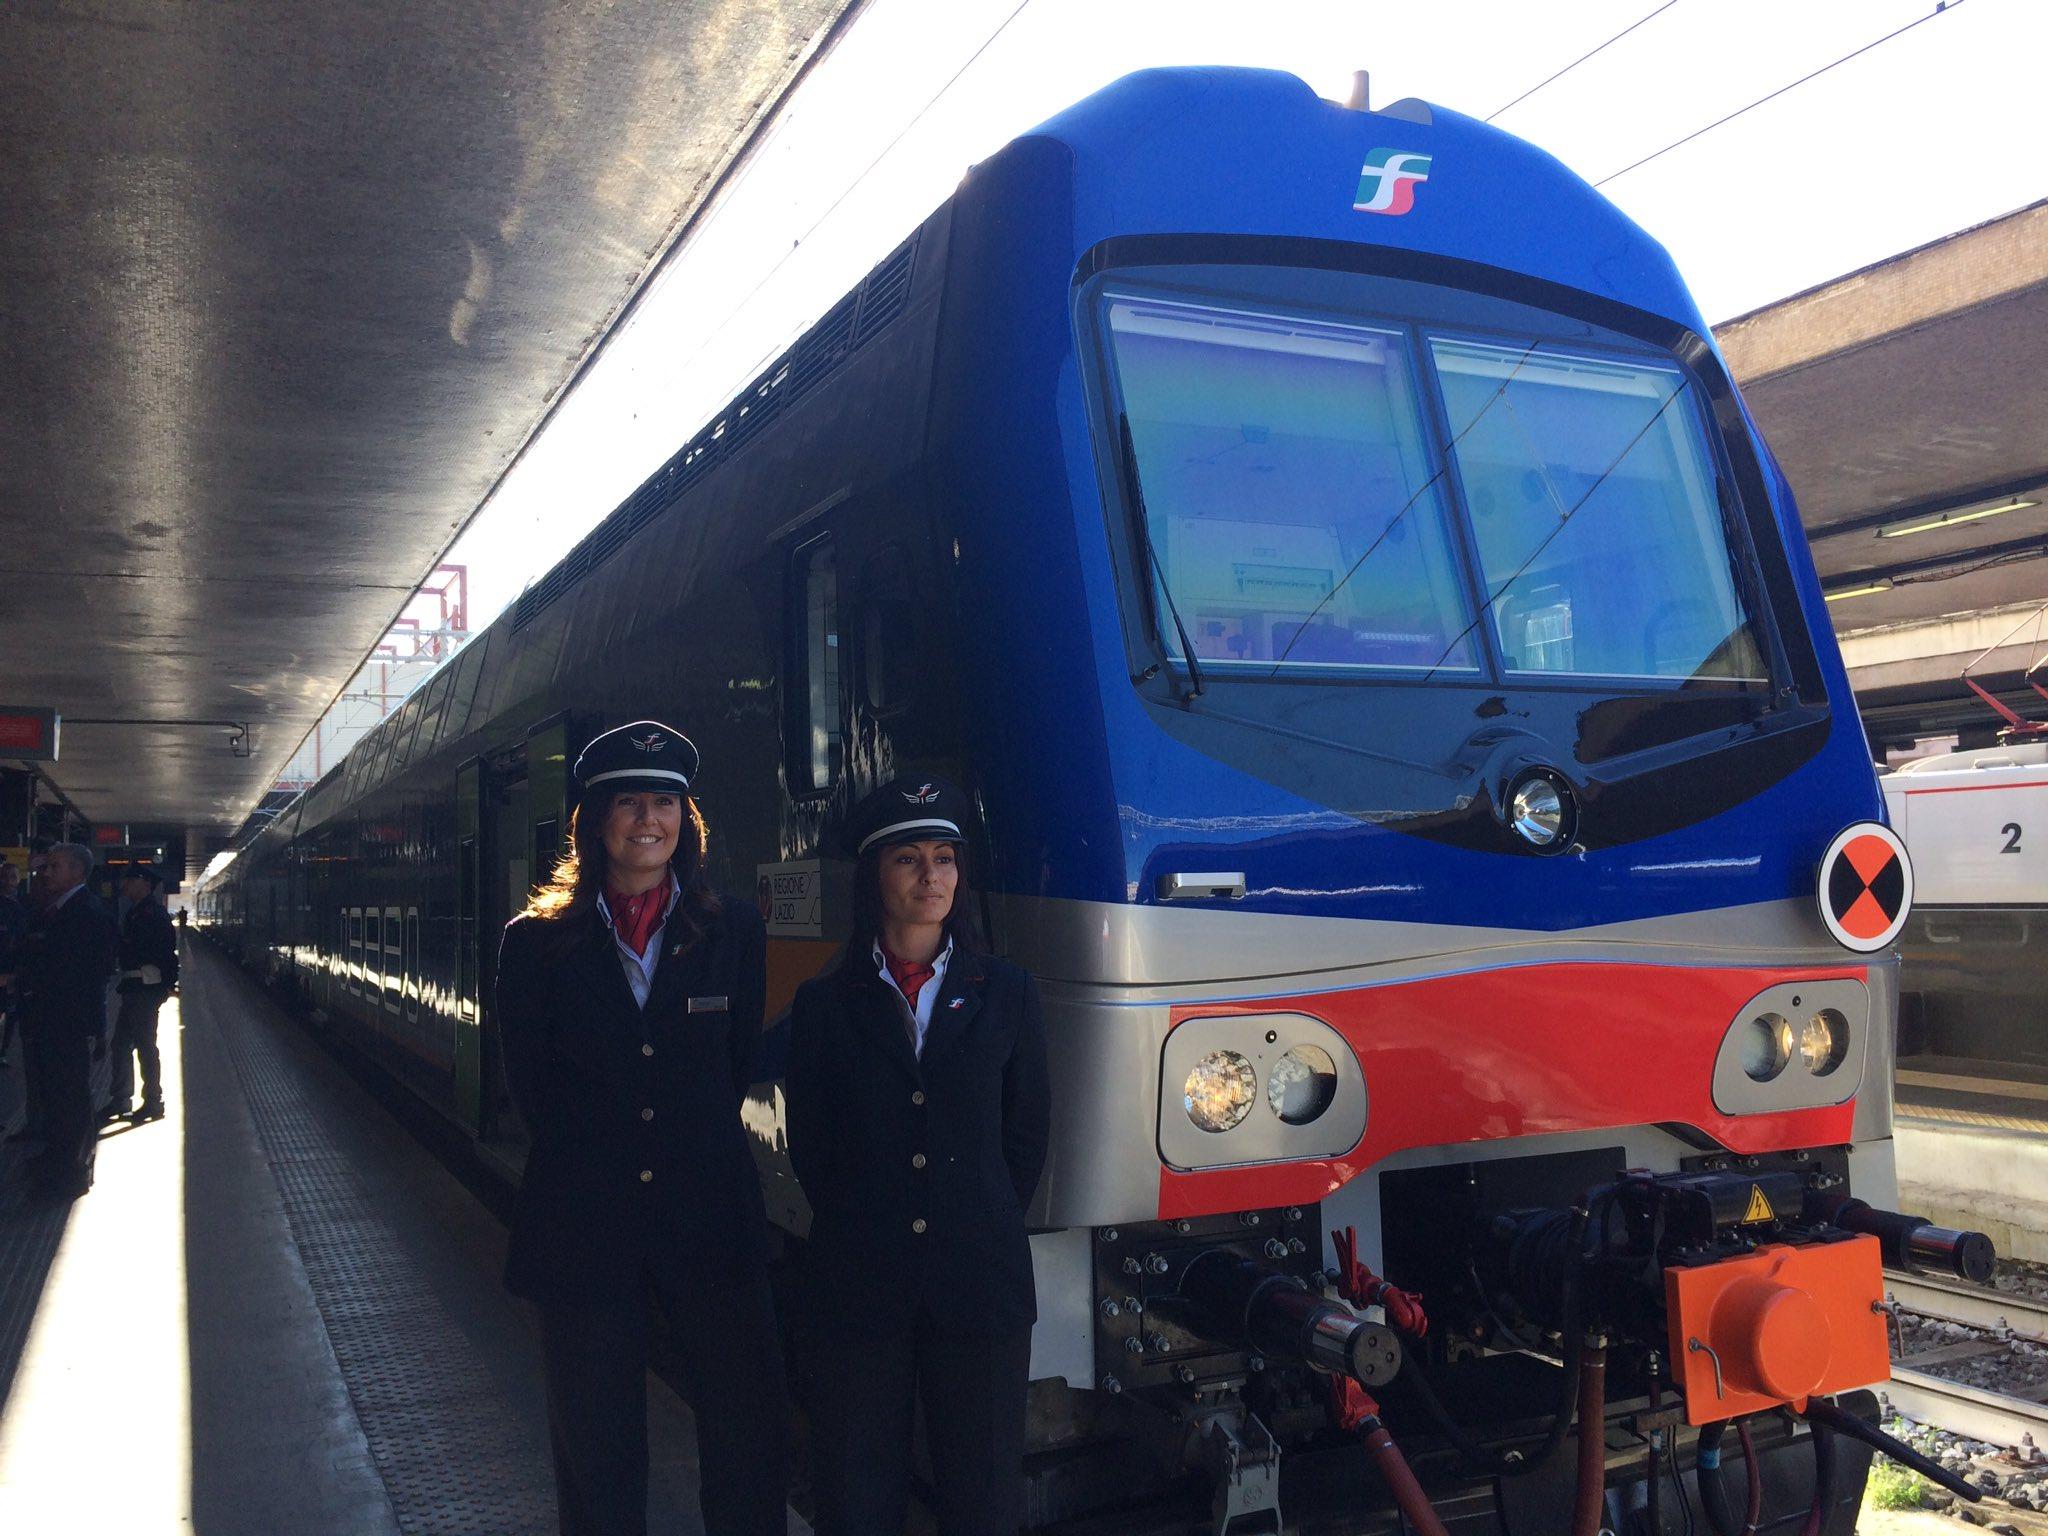 Inaugurato nuovo treno #Vivalto per regione #Lazio #RomaTermini #innovazione #trasporto https://t.co/hLN74Uss9X